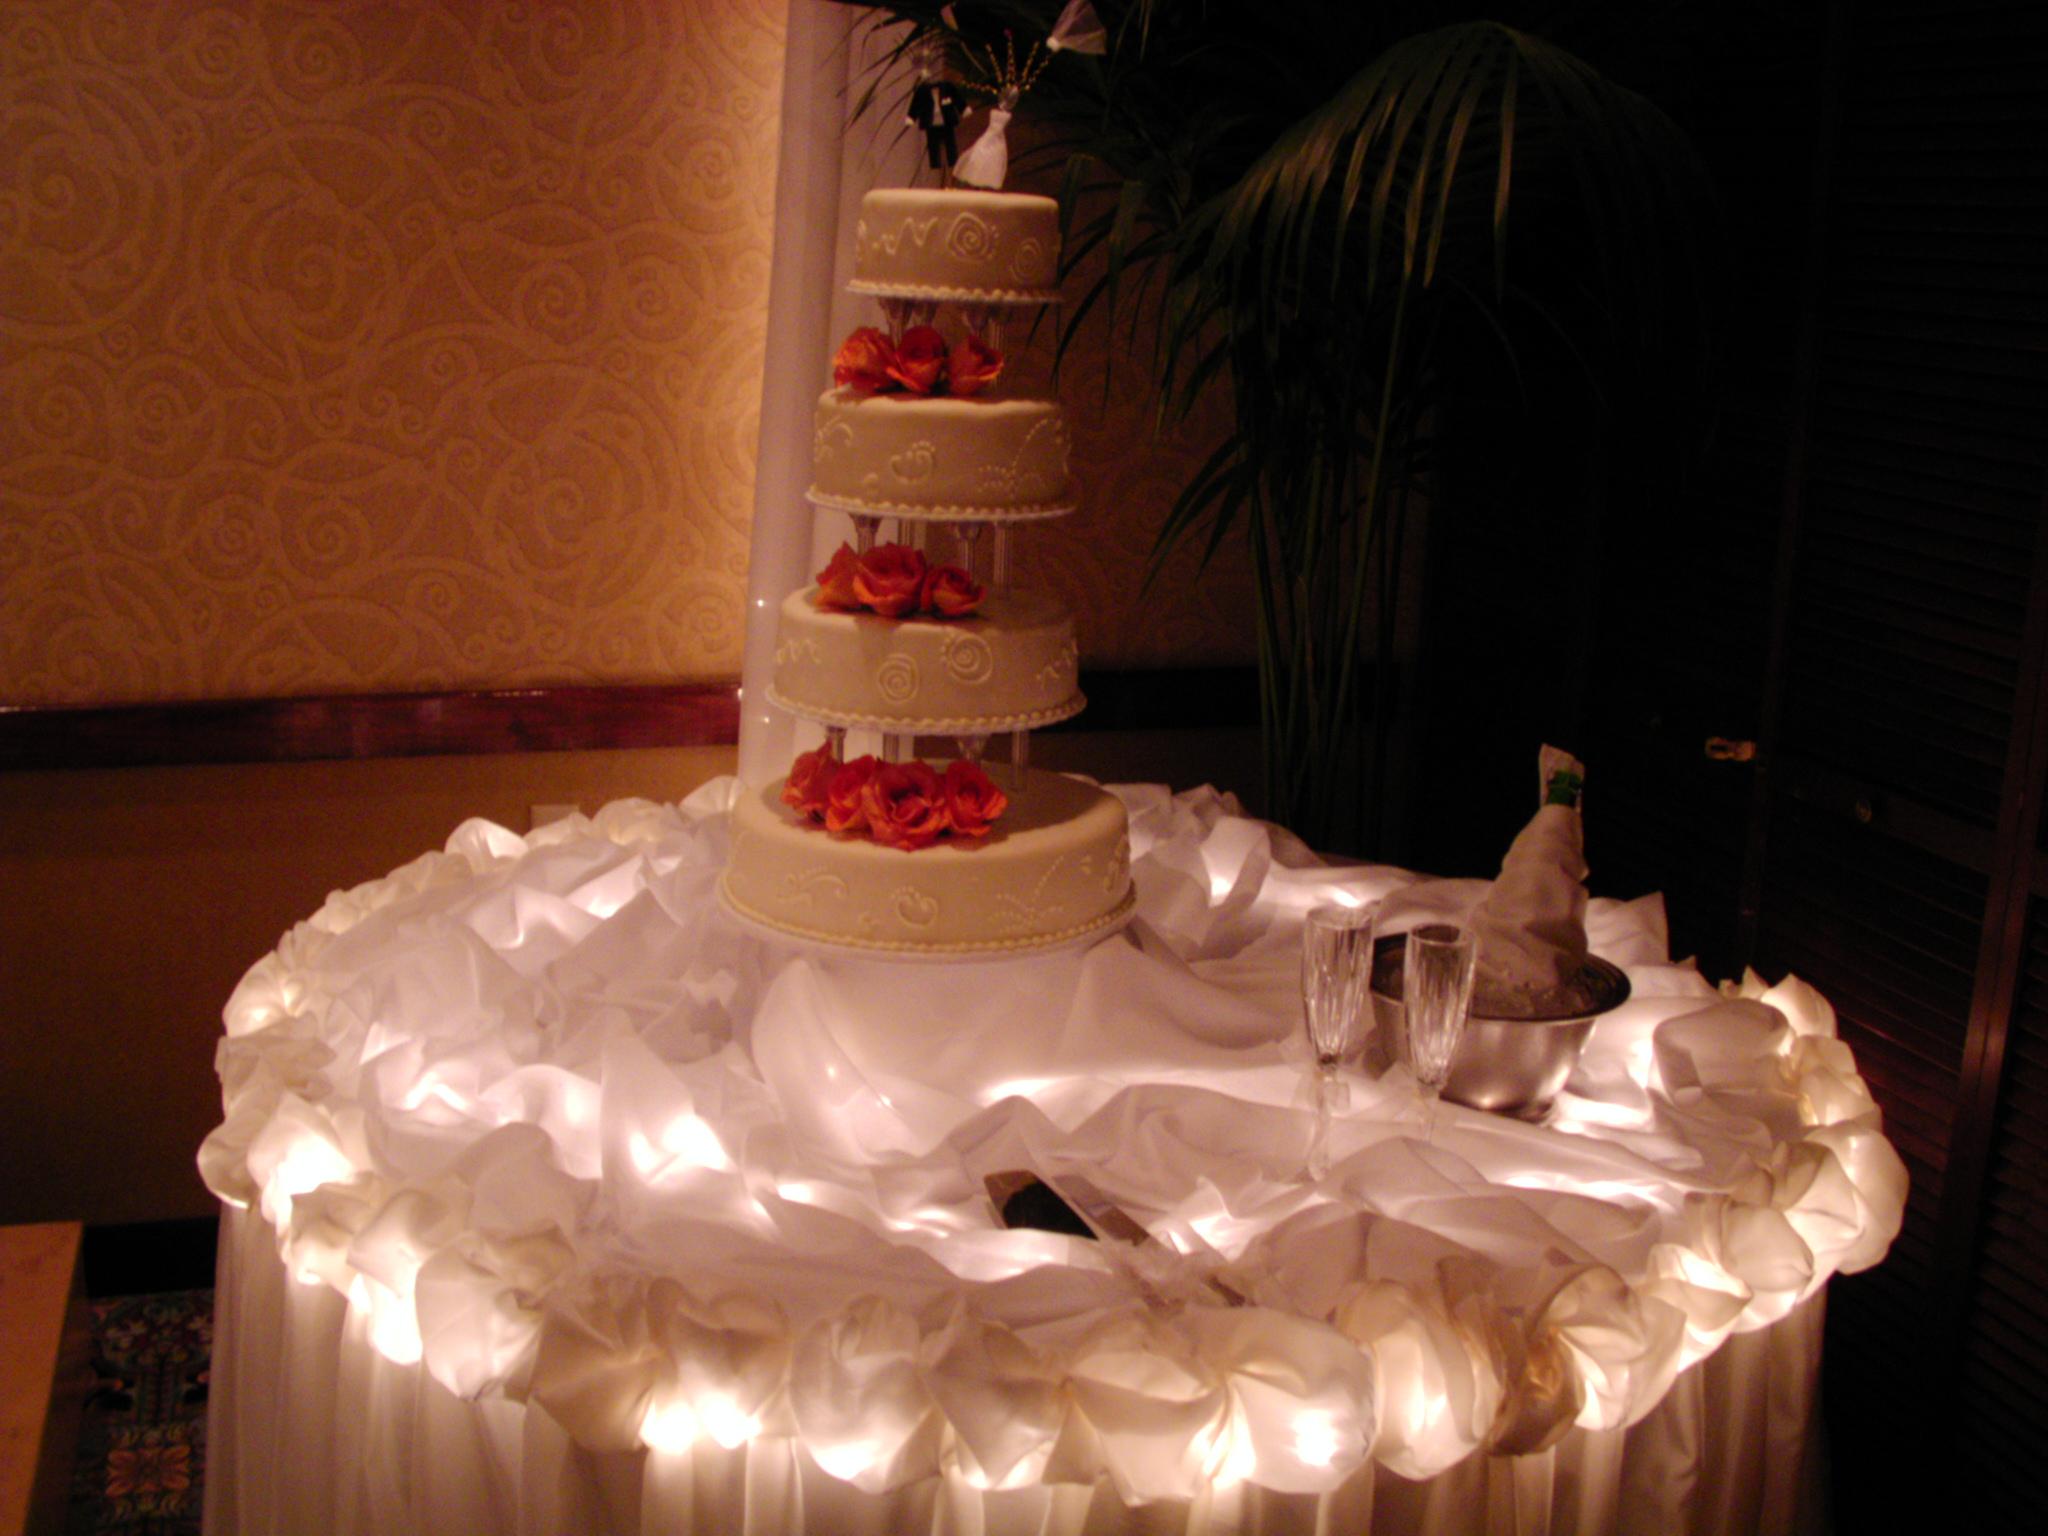 Mmmm, Cake...